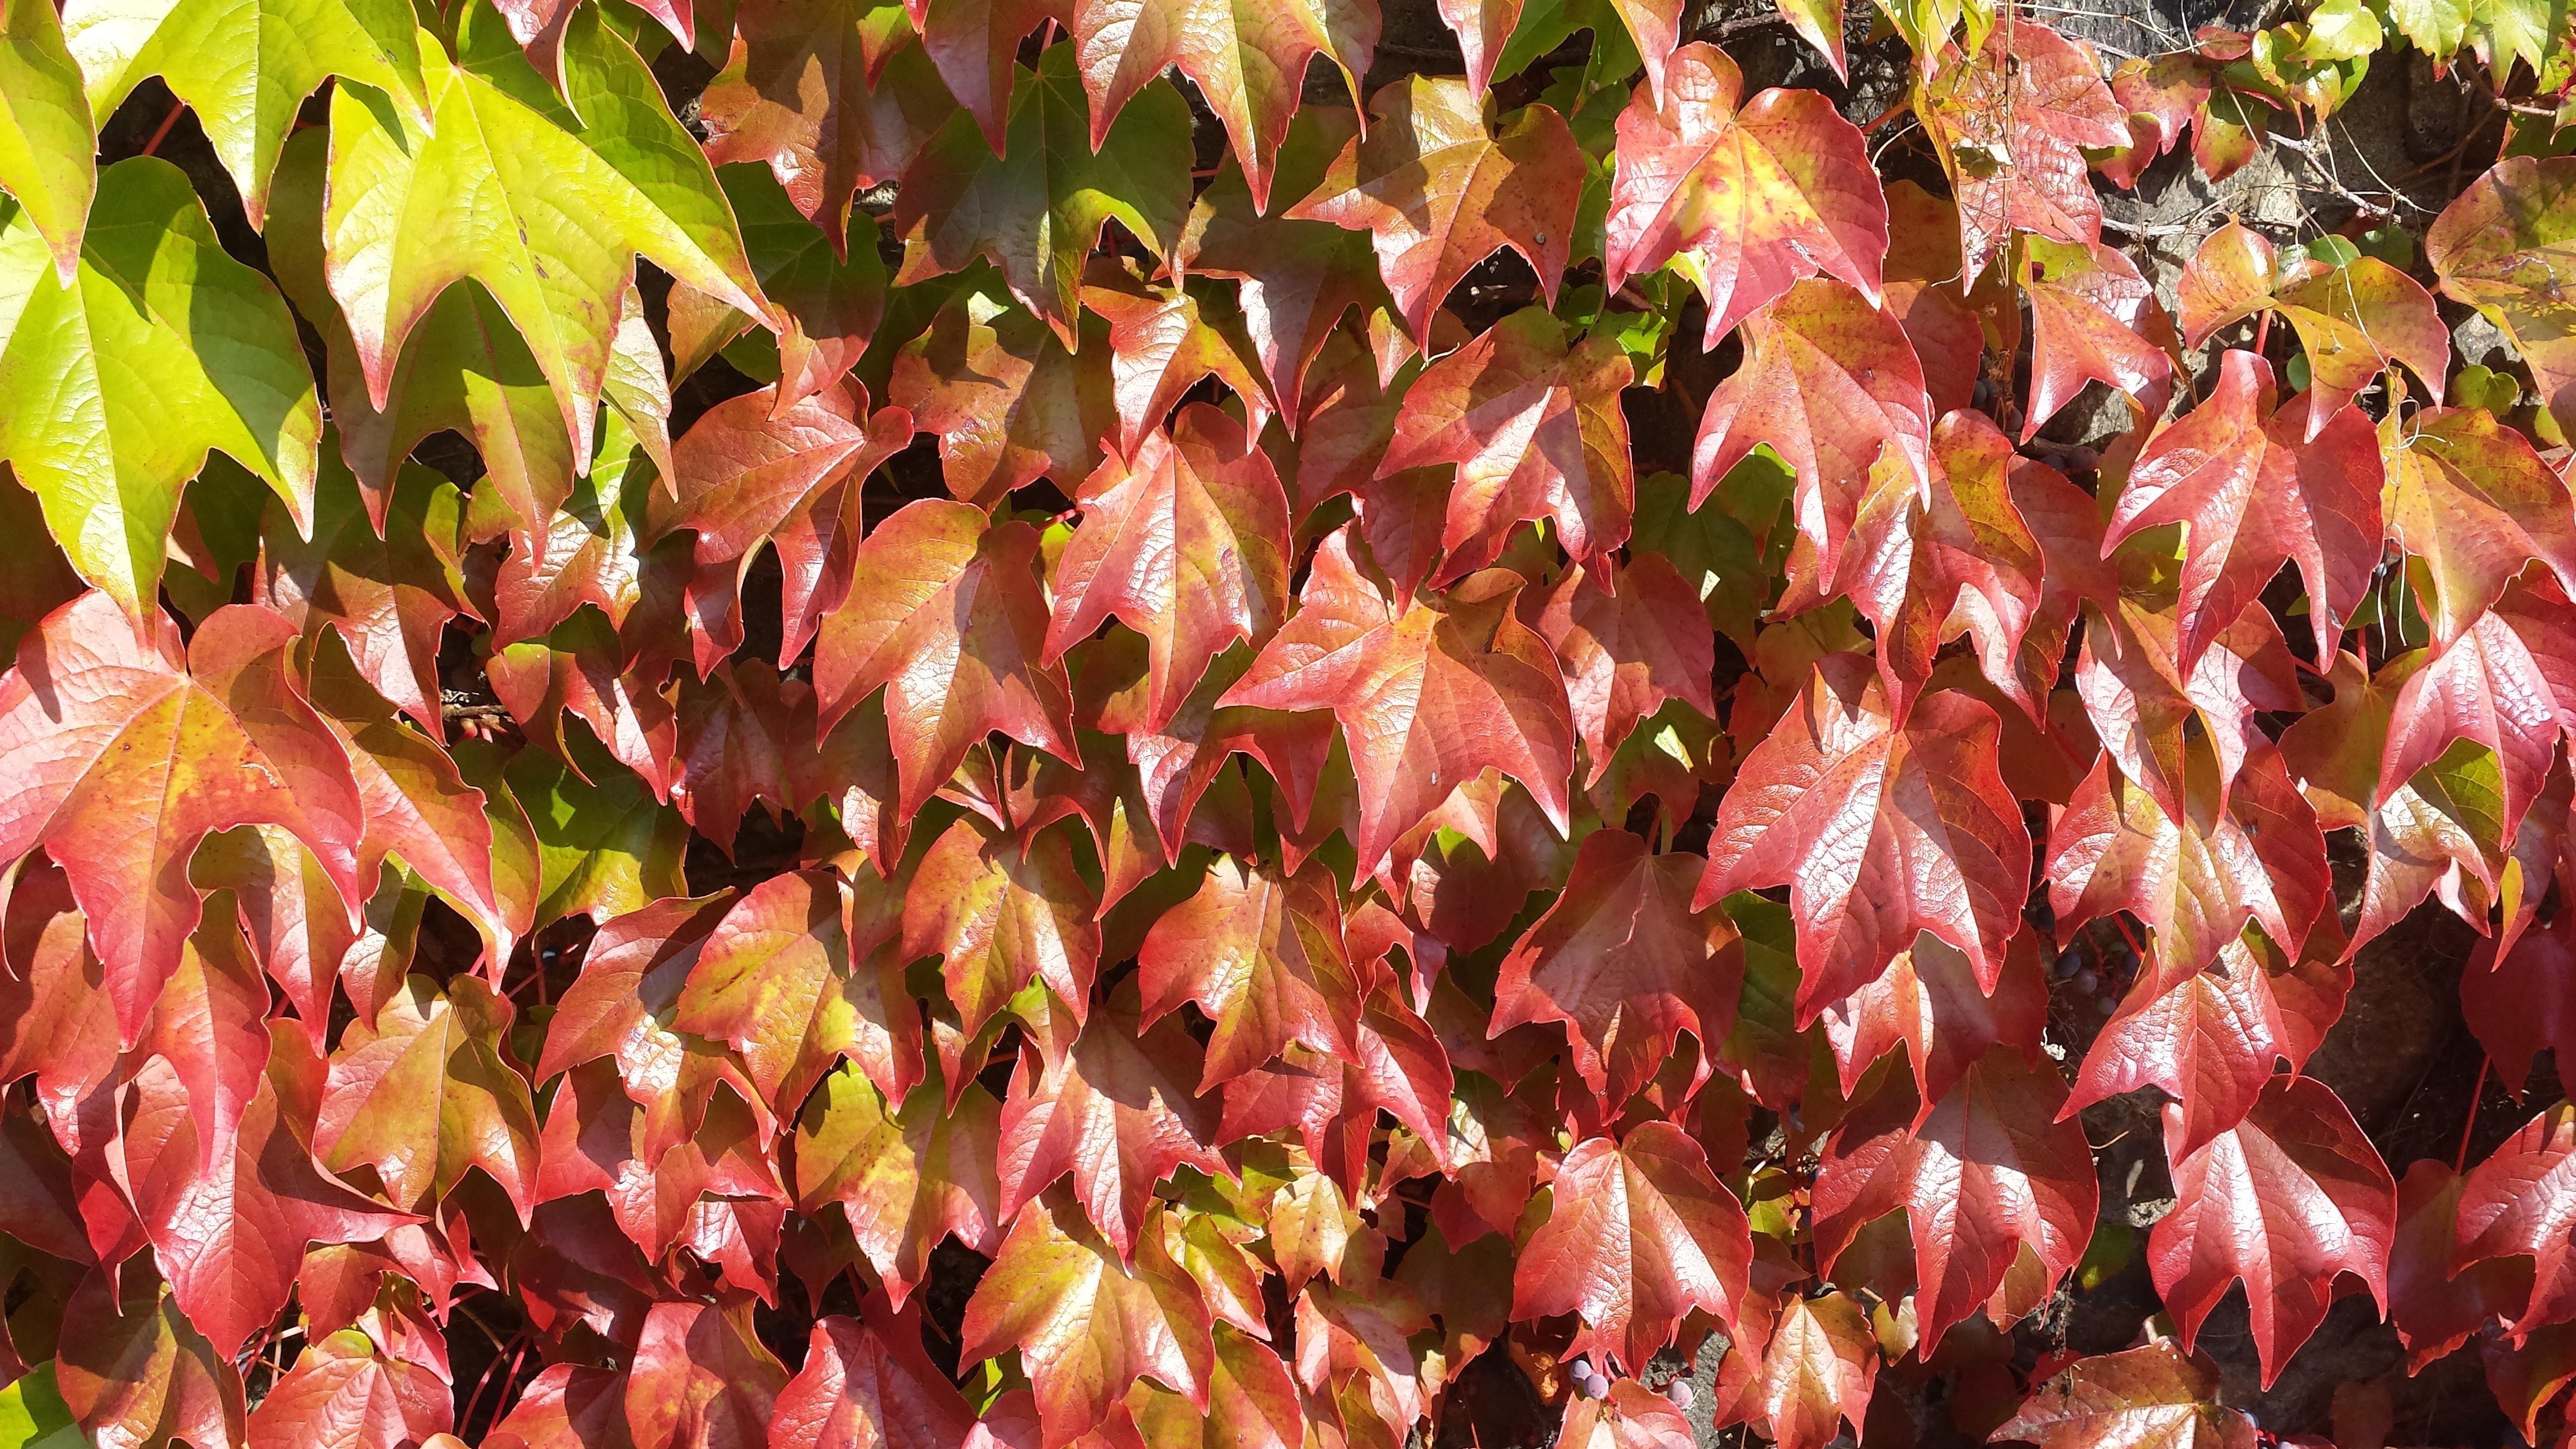 Gambar Cabang Menanam Sinar Matahari Daun Bunga Merah Ivy